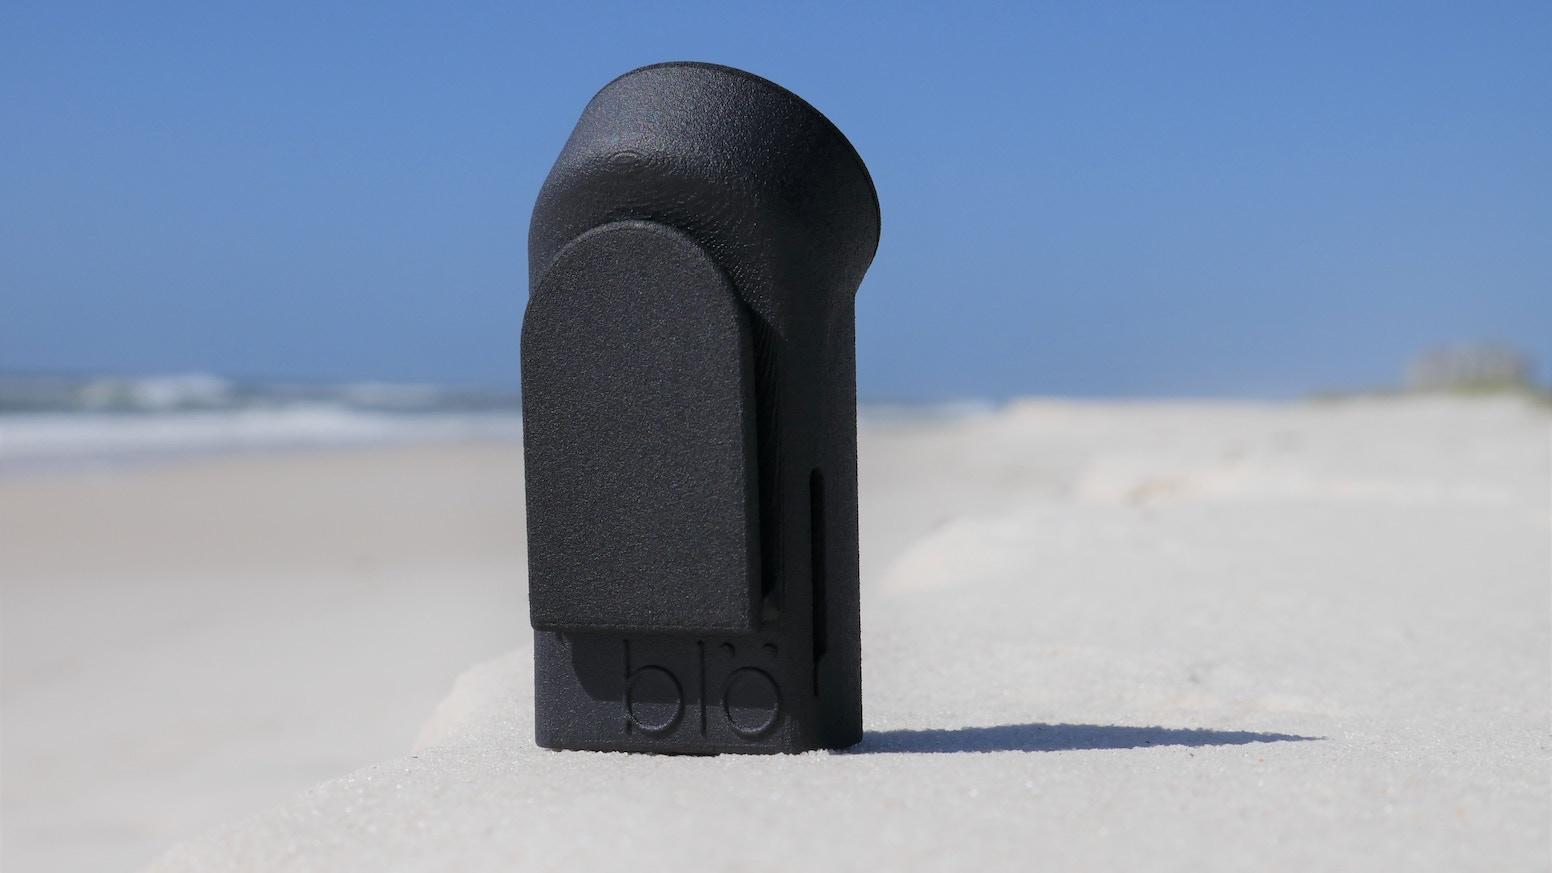 نتيجة بحث الصور عن blö - The World's First Wearable Cooling Device and Diffuser